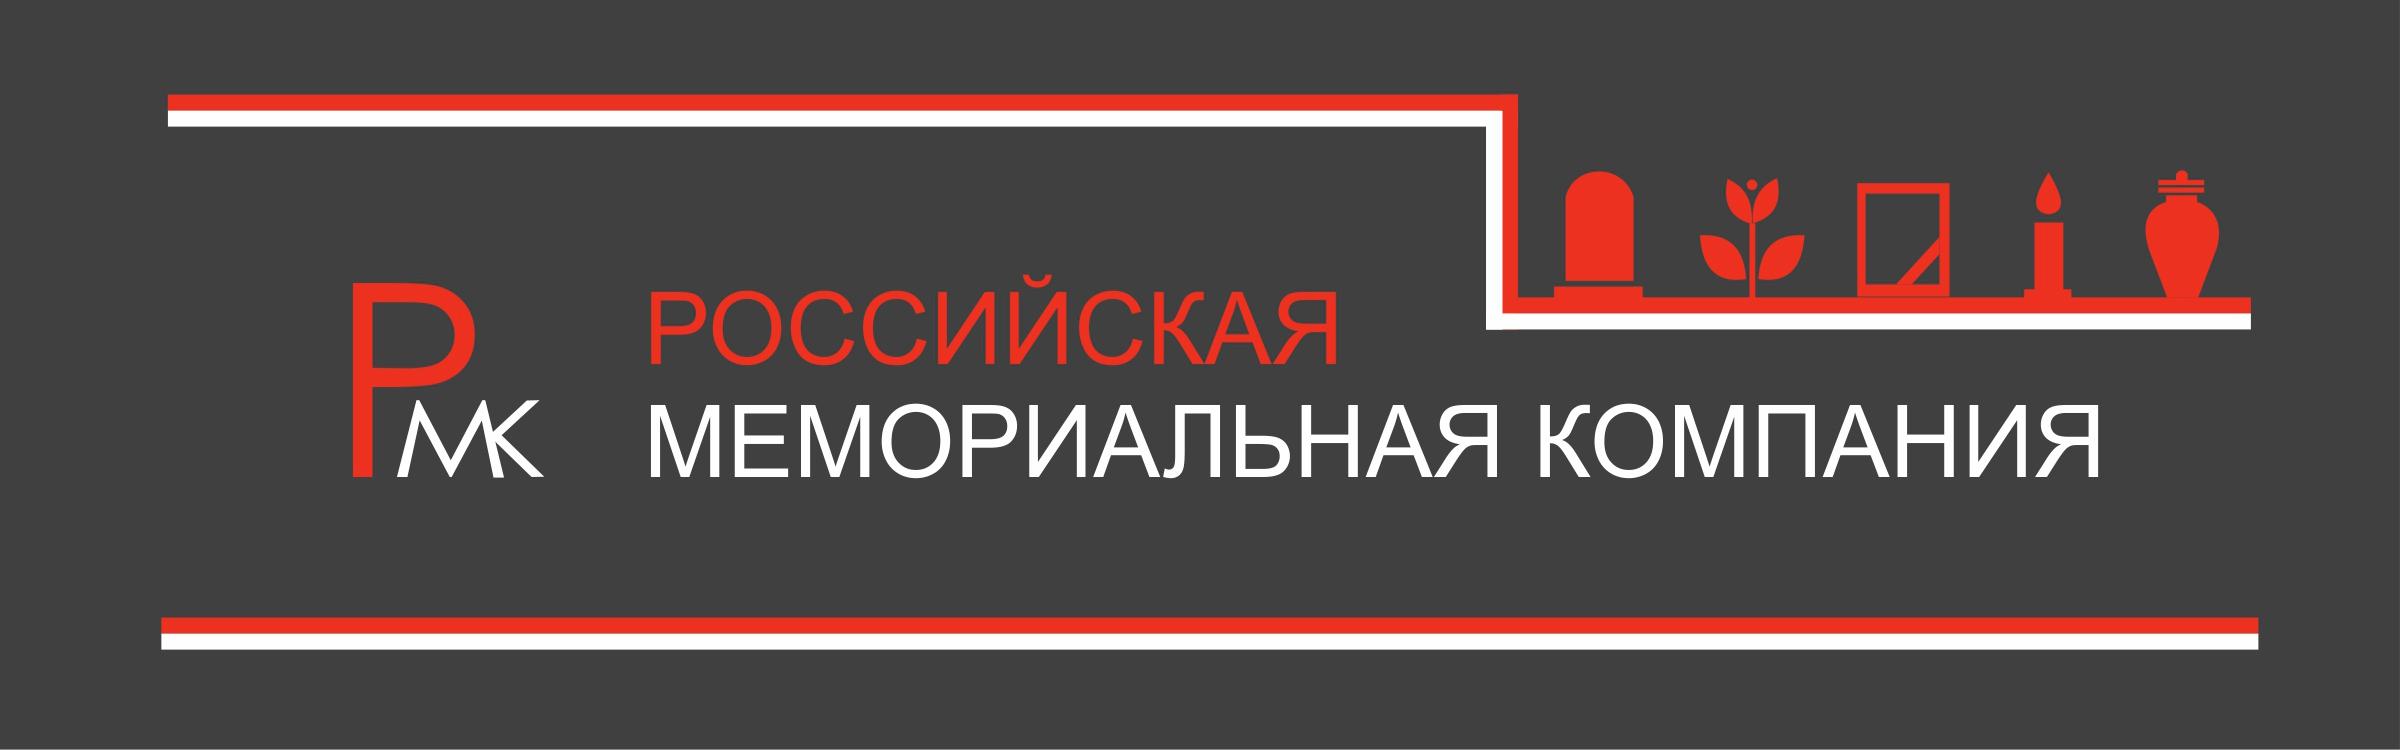 Ритуальные услуги 'РМК - Ритуальные услуги' в Смоленске. Главная страница